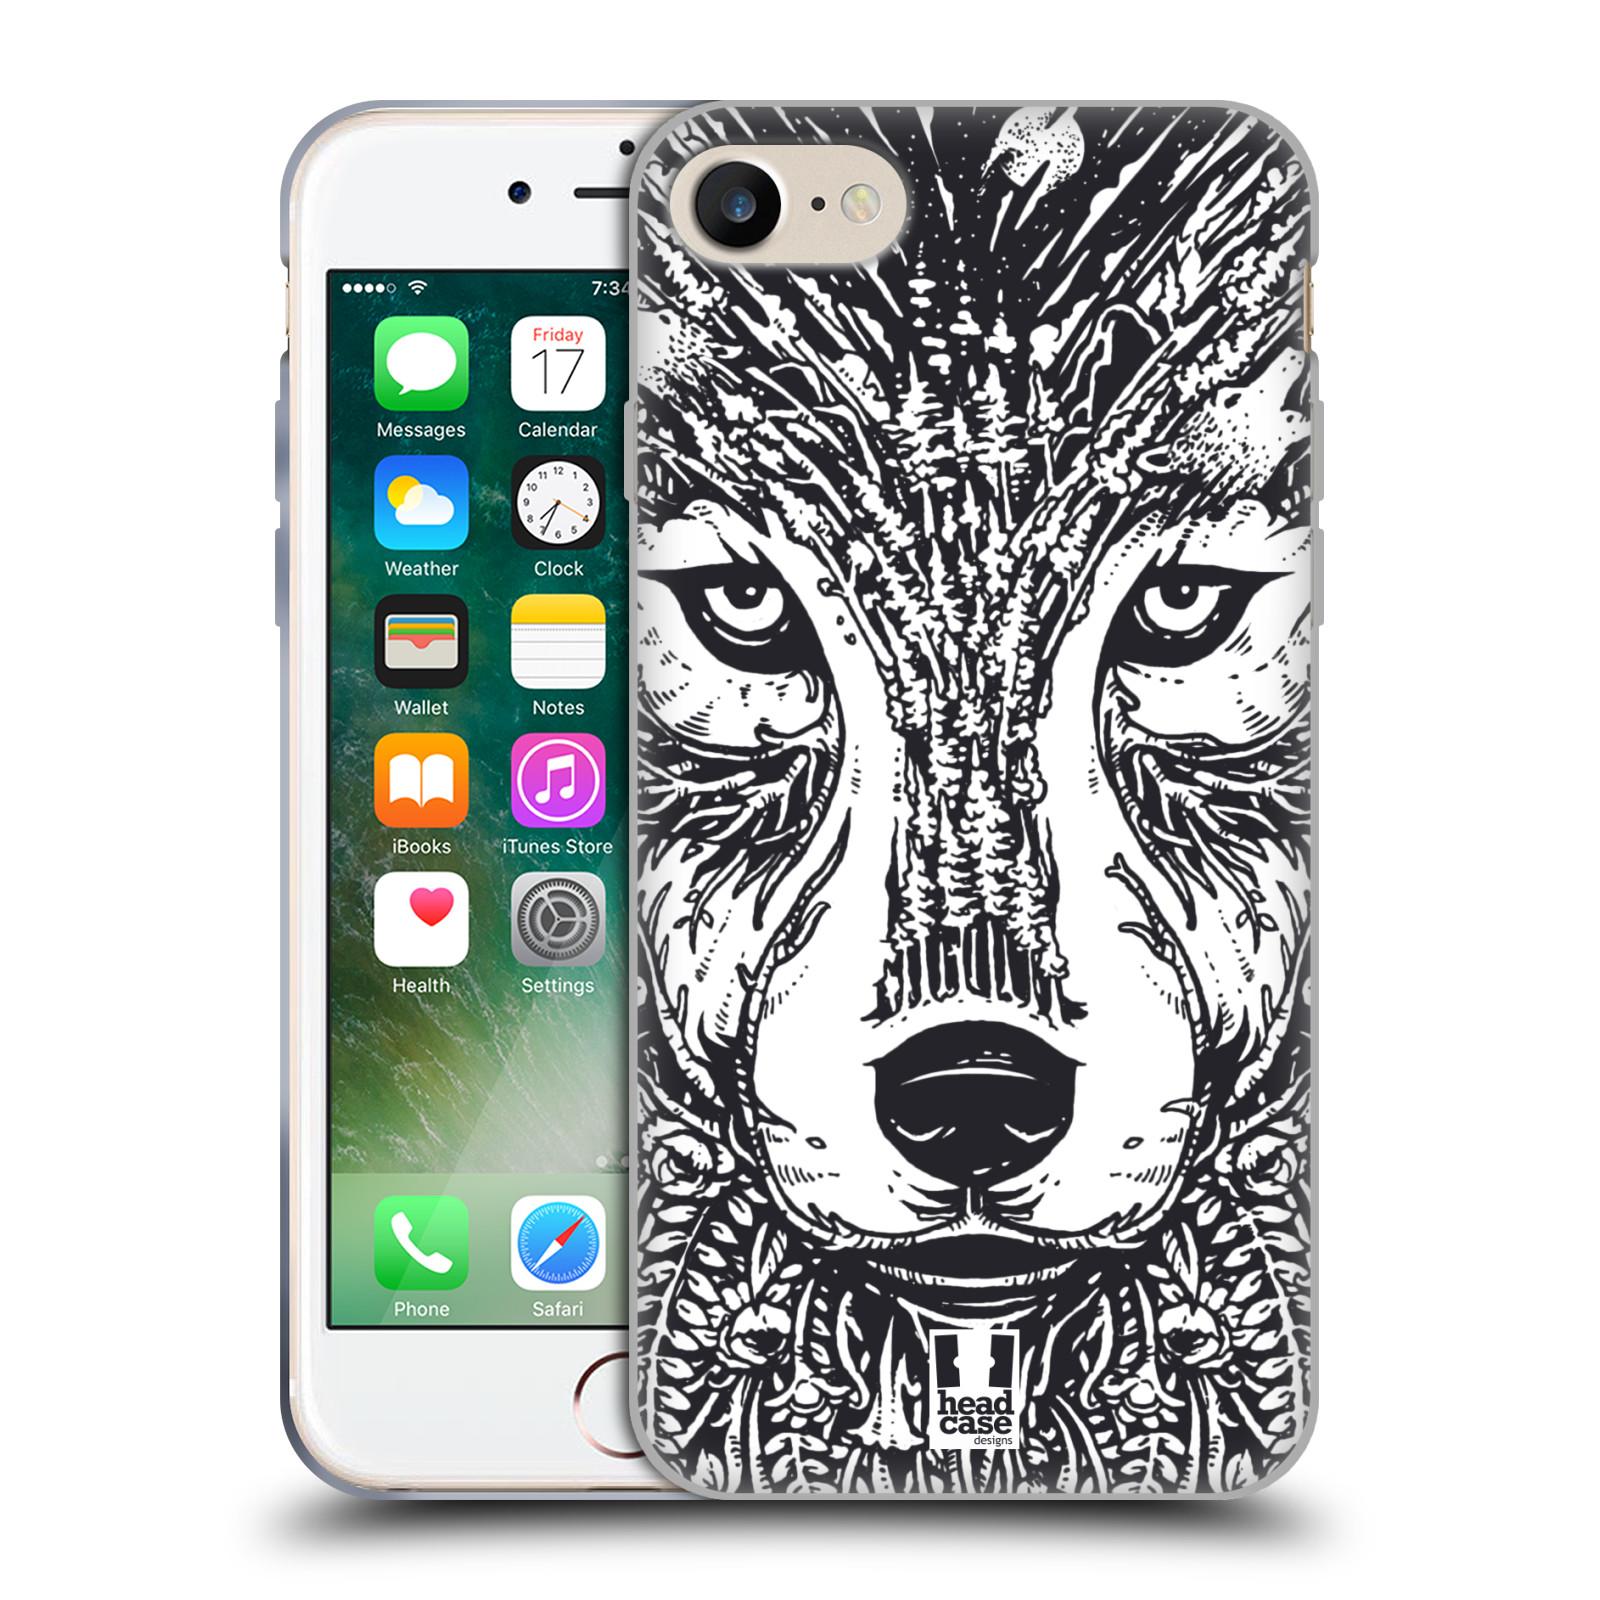 Silikonové pouzdro na mobil Apple iPhone 8 - Head Case - DOODLE TVÁŘ VLK (Silikonový kryt či obal na mobilní telefon Apple iPhone 8 s motivem DOODLE TVÁŘ VLK)